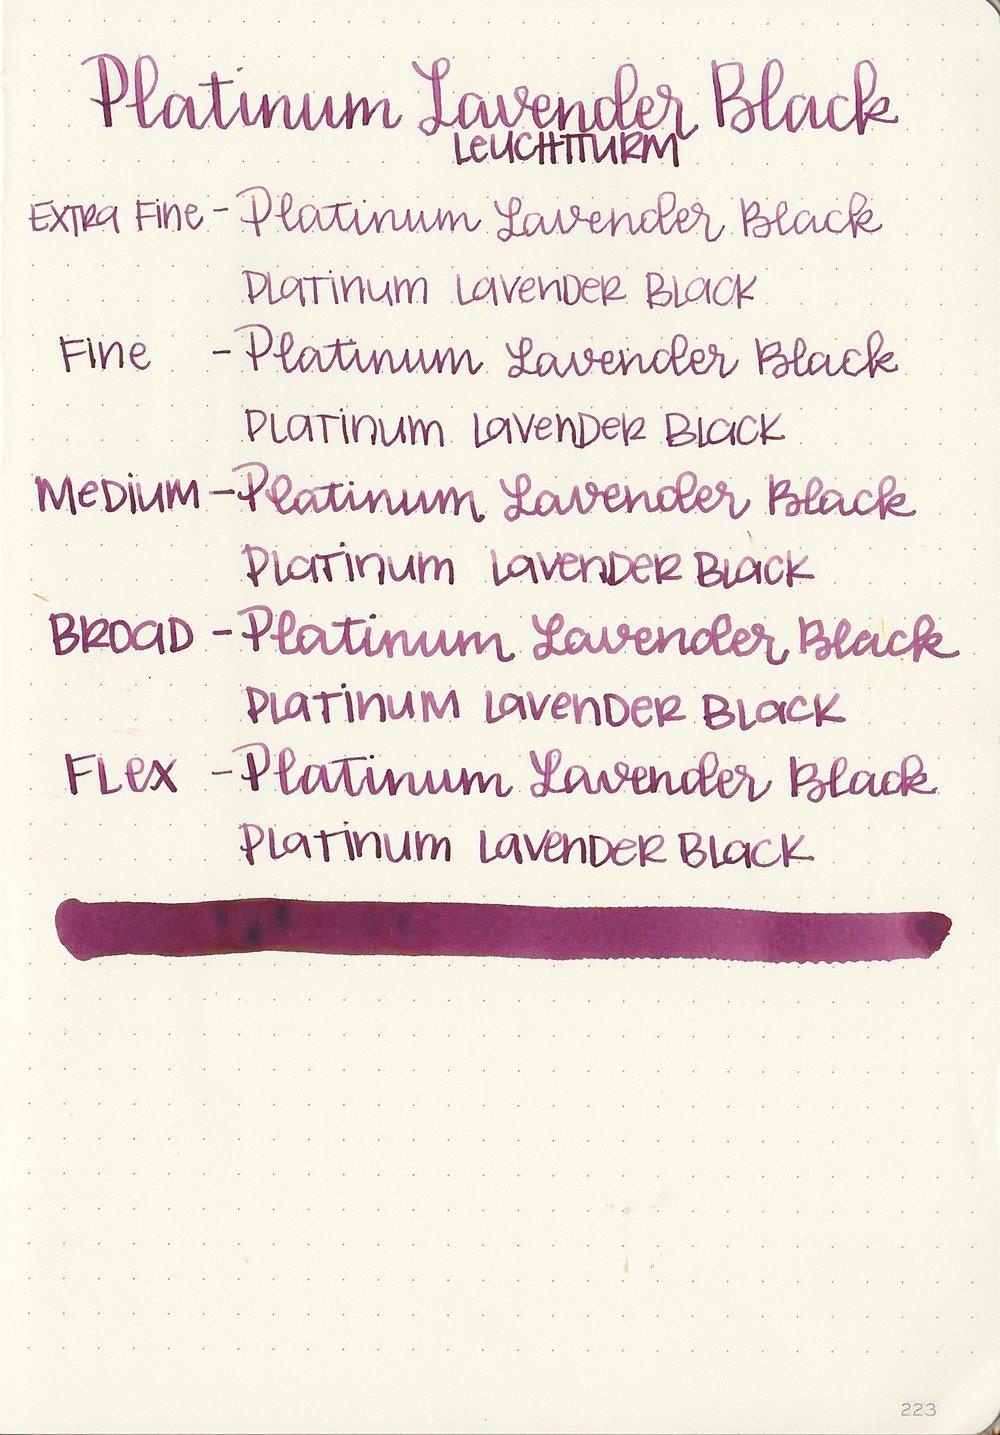 PlatinumLavenderBlack - 15.jpg